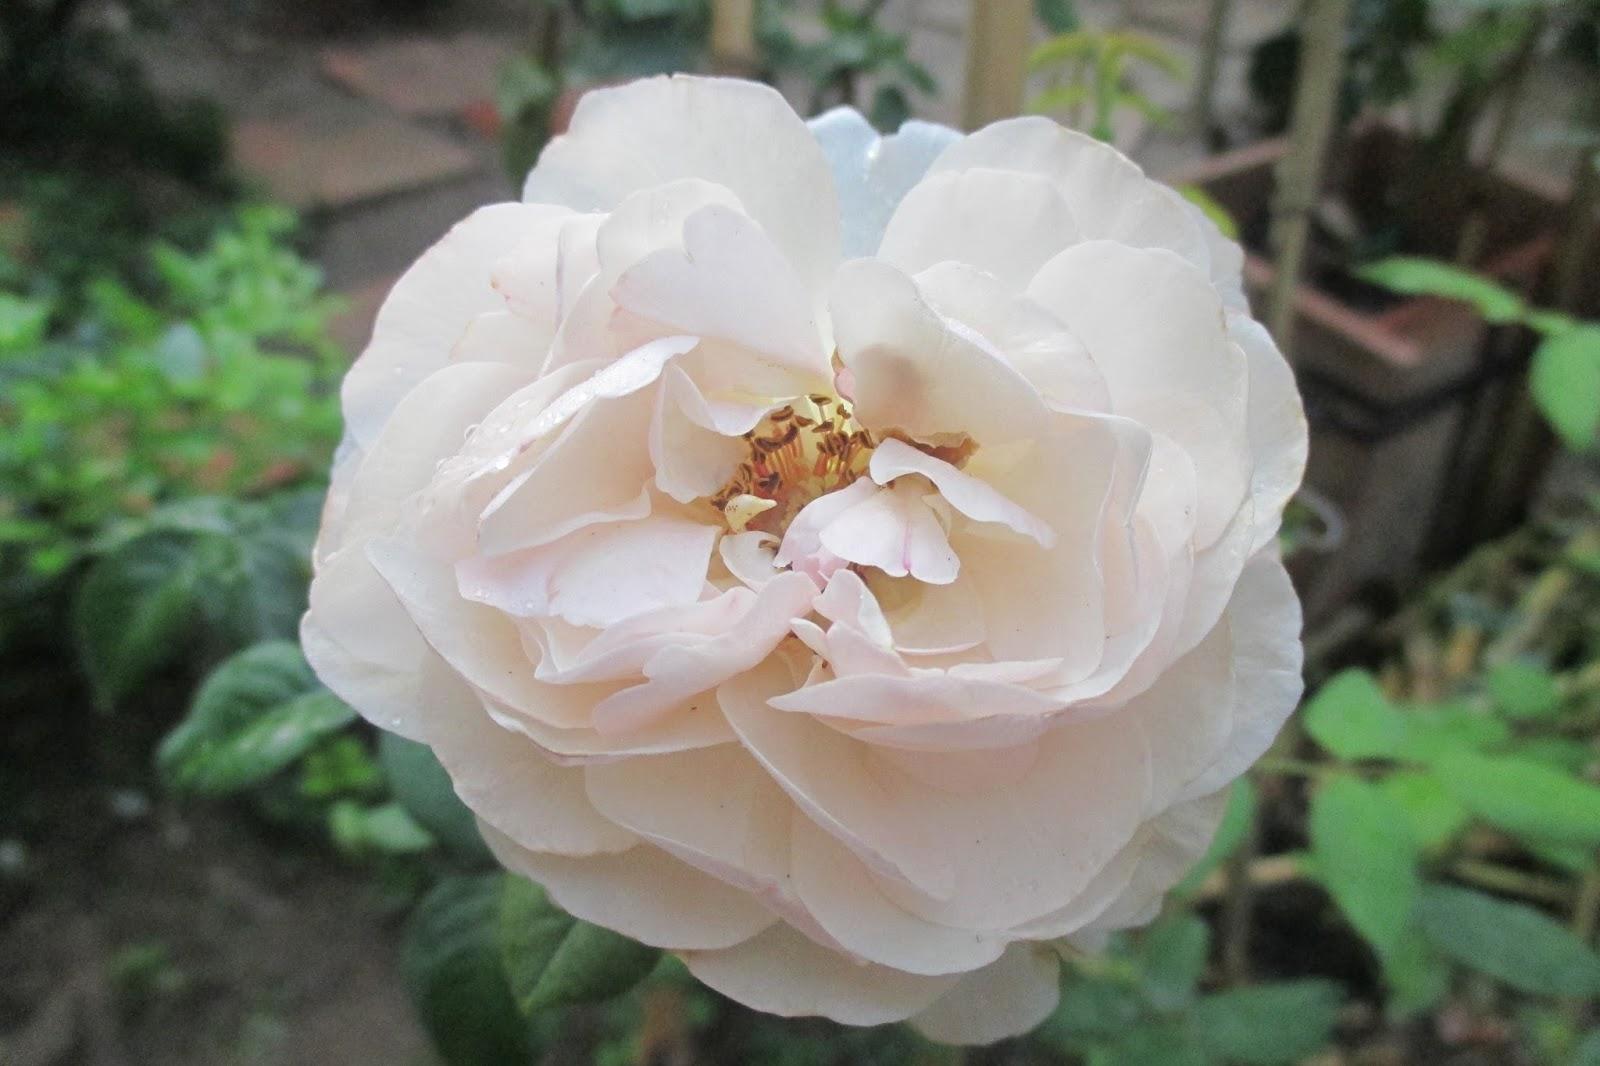 Những bông hoa ban đầu form hoa chưa được tròn trịa, cánh hoa chưa sắp xếp theo thứ tự. và số lượng cánh hoa cũng tương đối ít